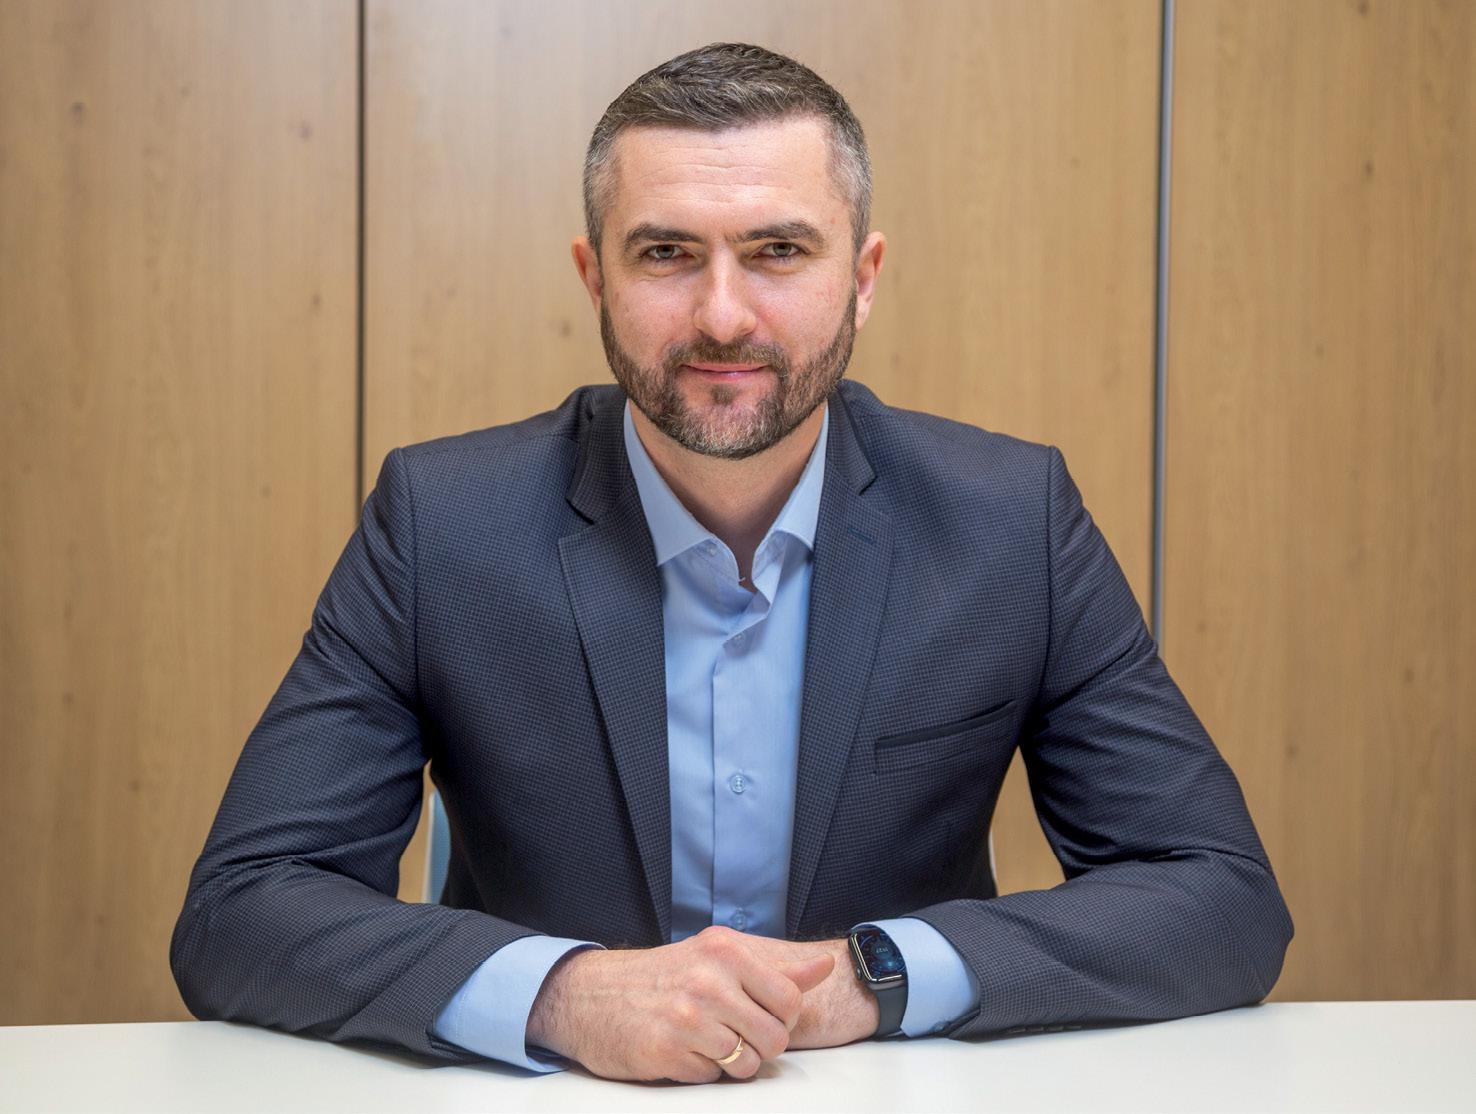 Віталій Коверник, комерційний директор Corteva Agriscience: Pioneer® за крок до сторіччя